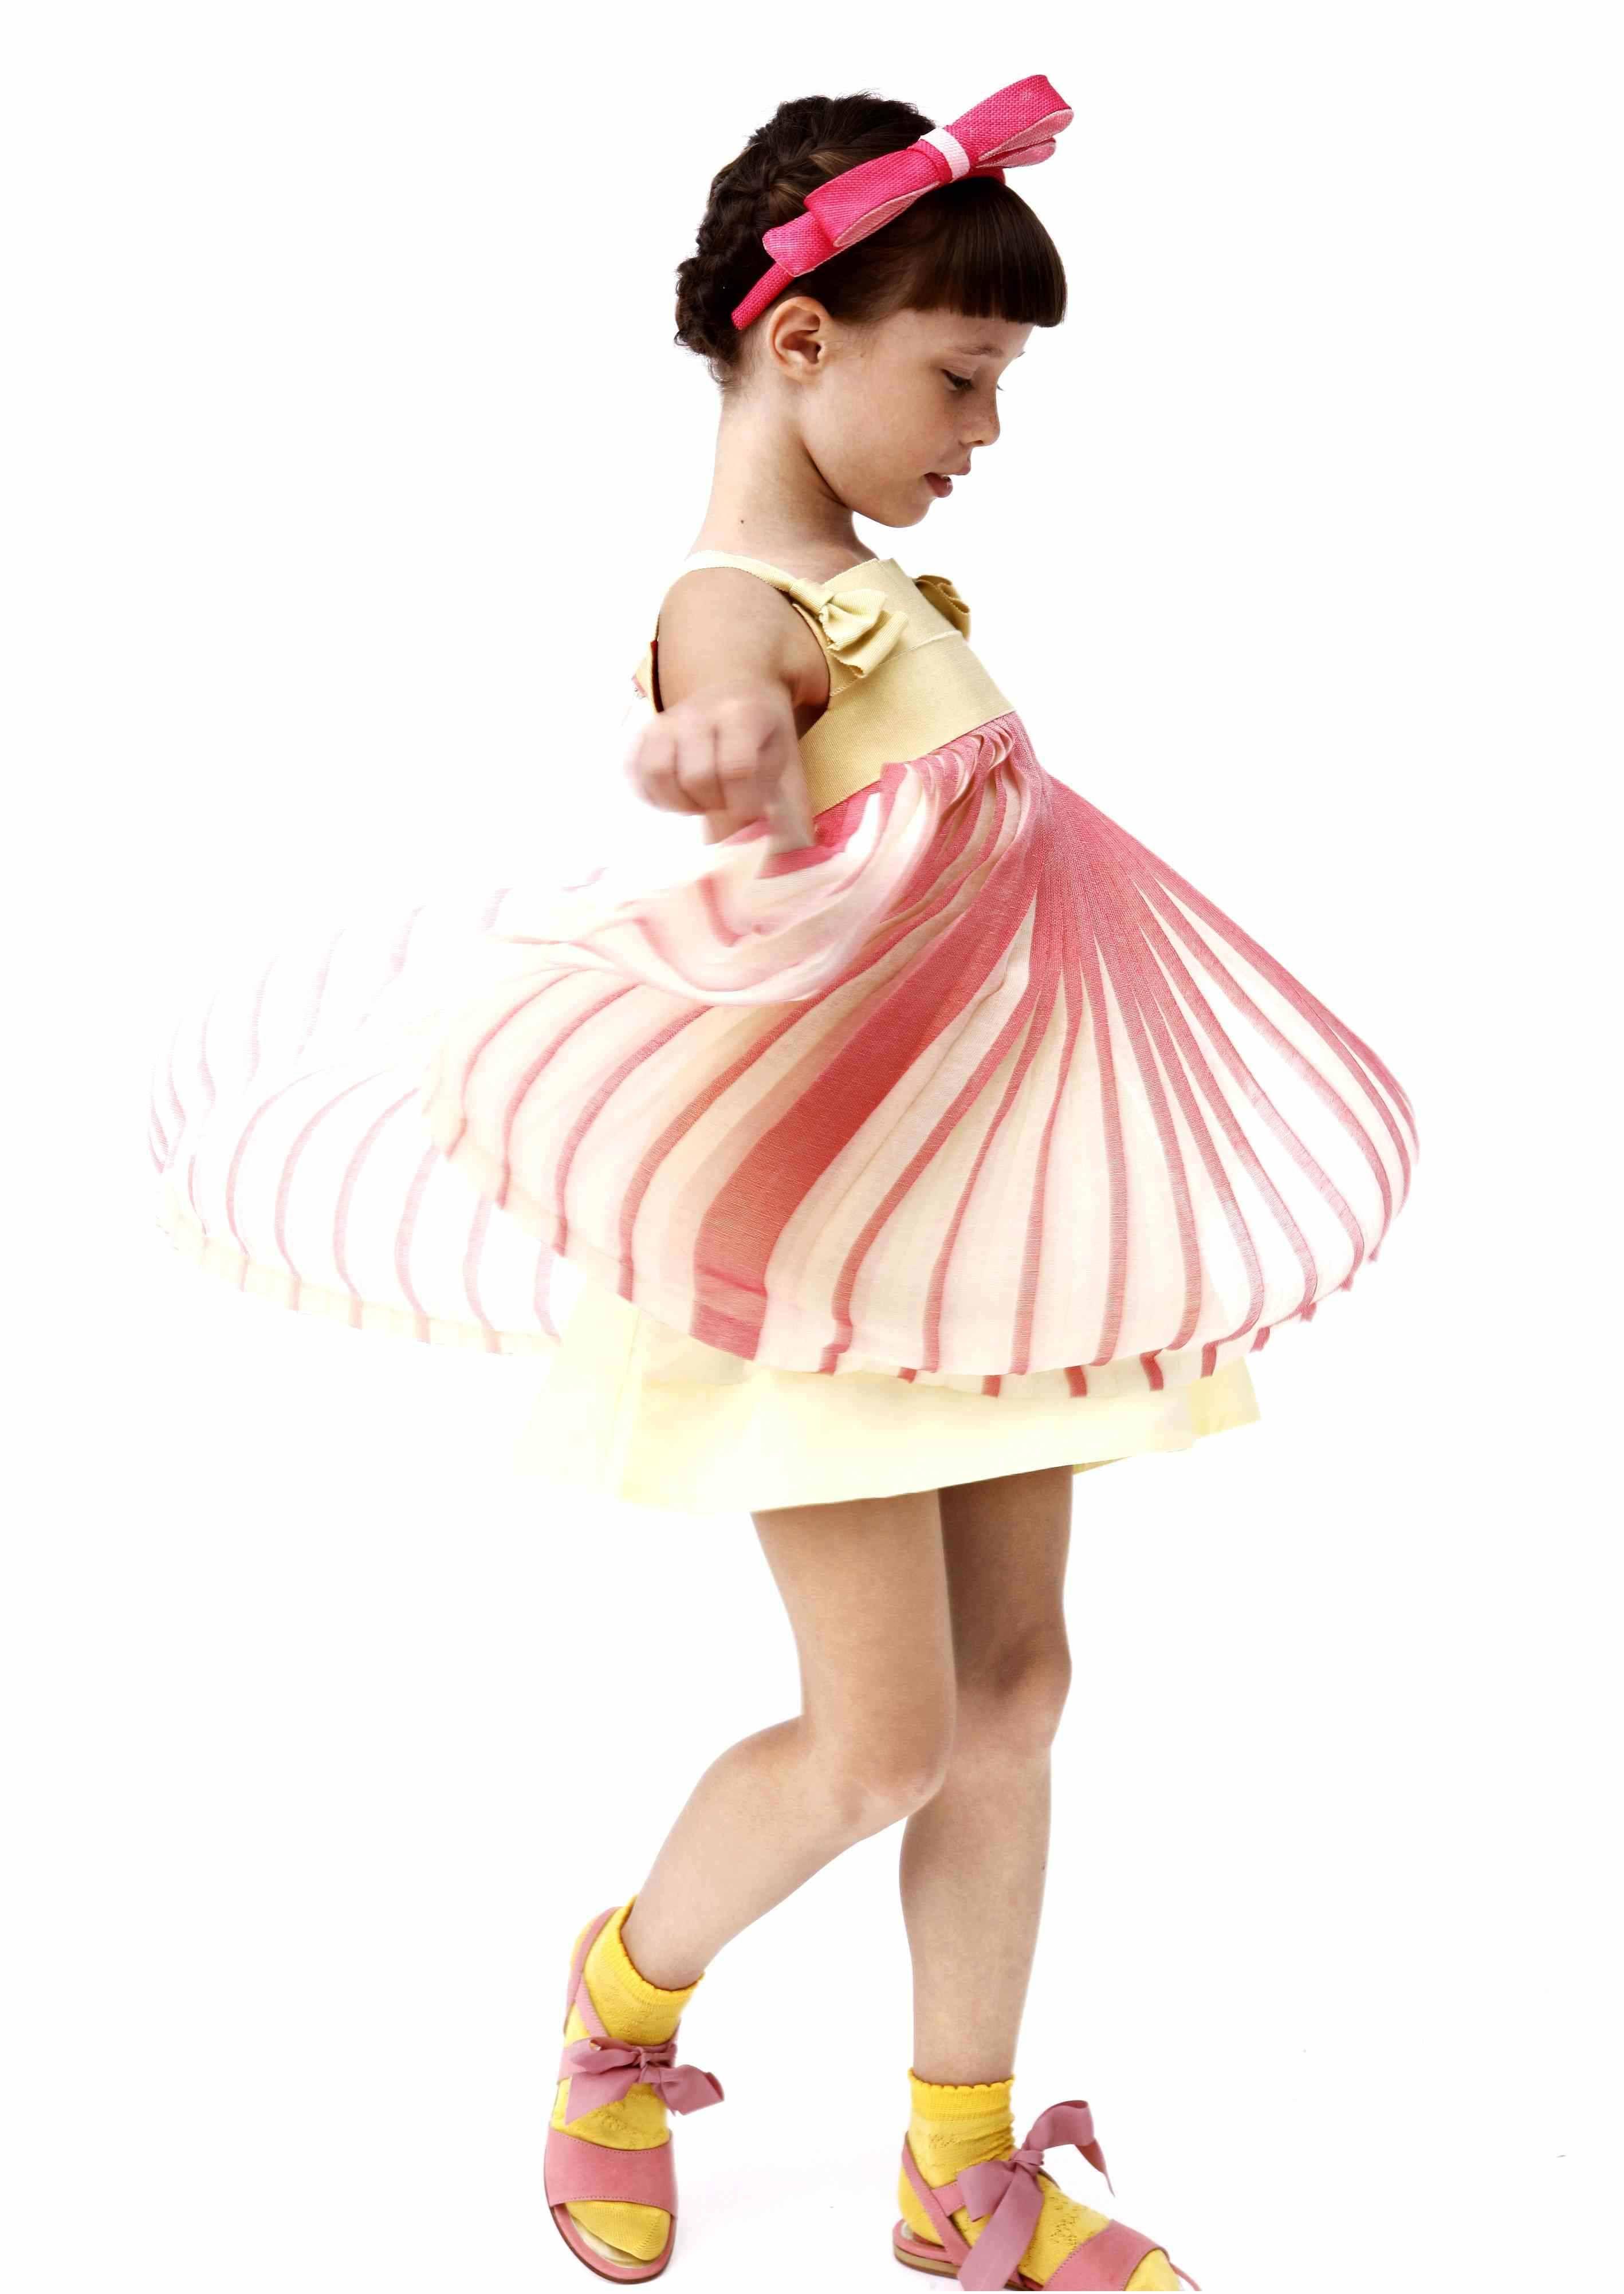 Mimi Sol summer 2013 Sweet fan pleated layer dress in sorbet pastels for kidswear